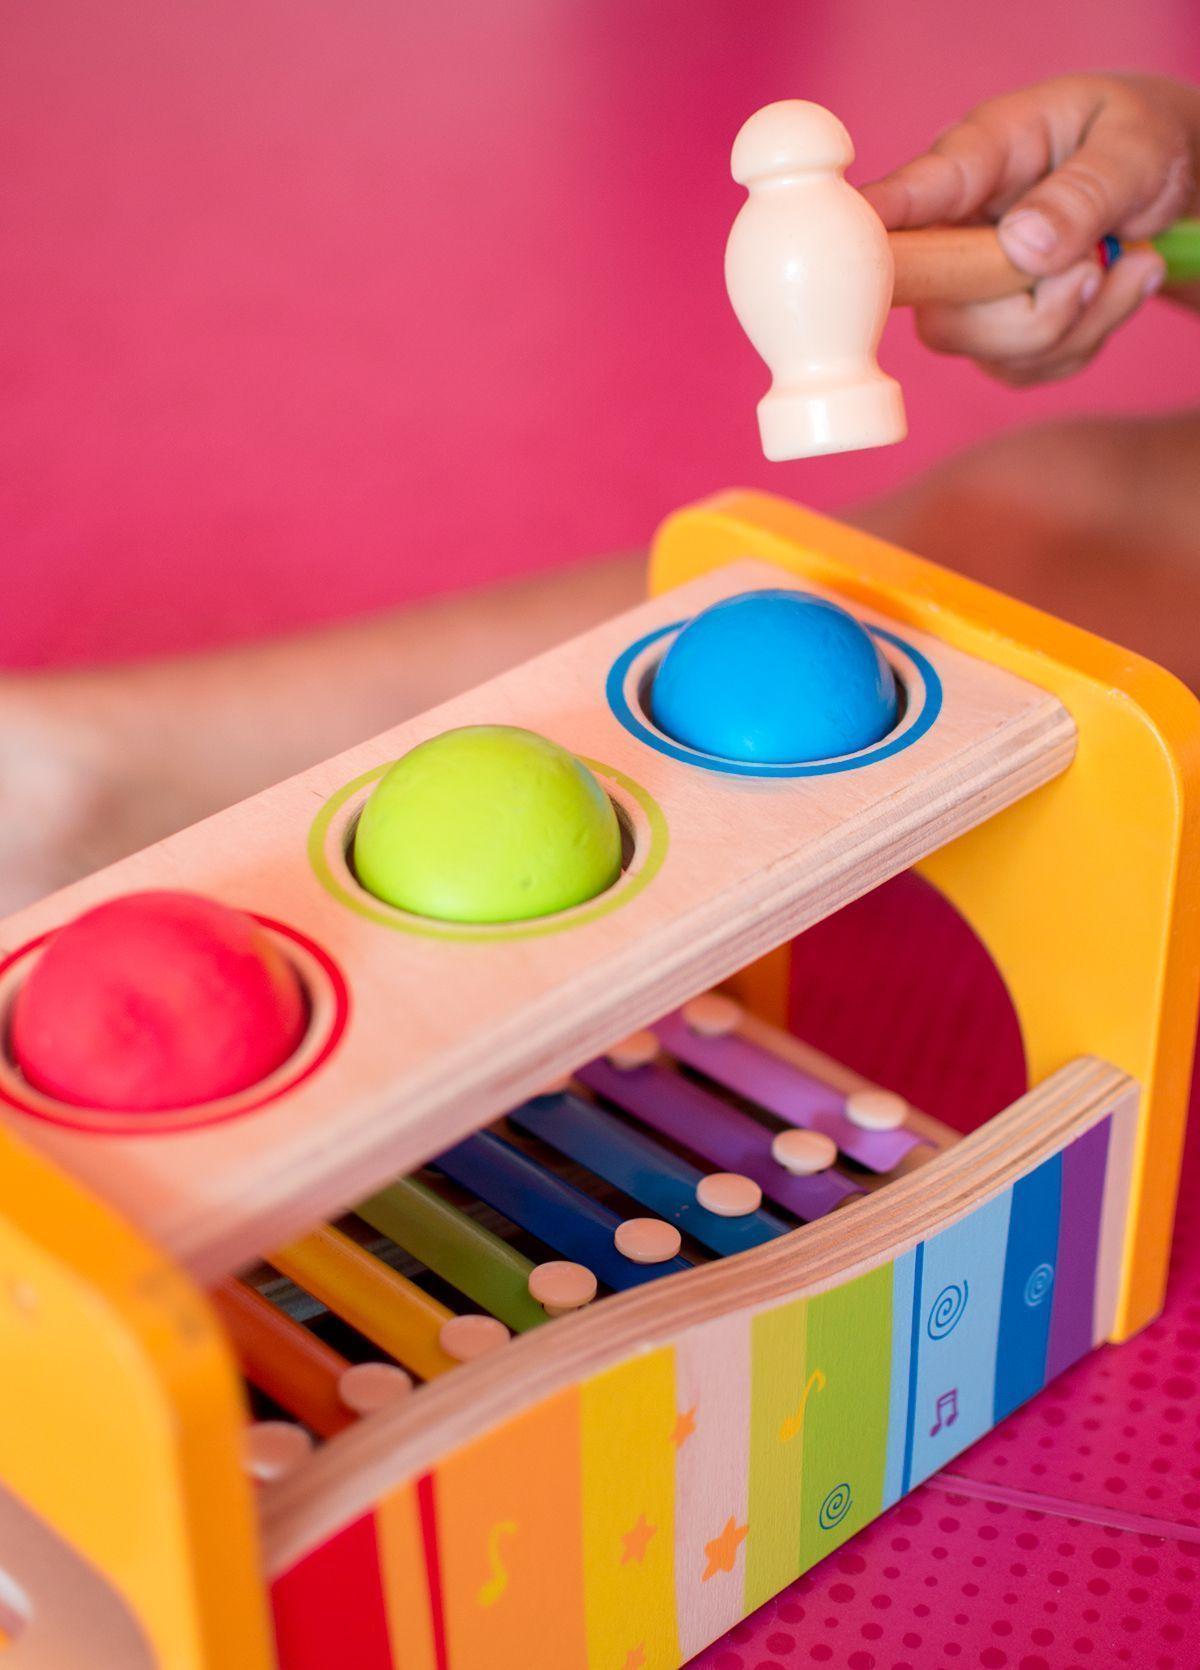 Juguetes Para Bebes De 7 Meses.Juguetes Para Ninos De Un Ano Como Elijo Cual Sera Mejor